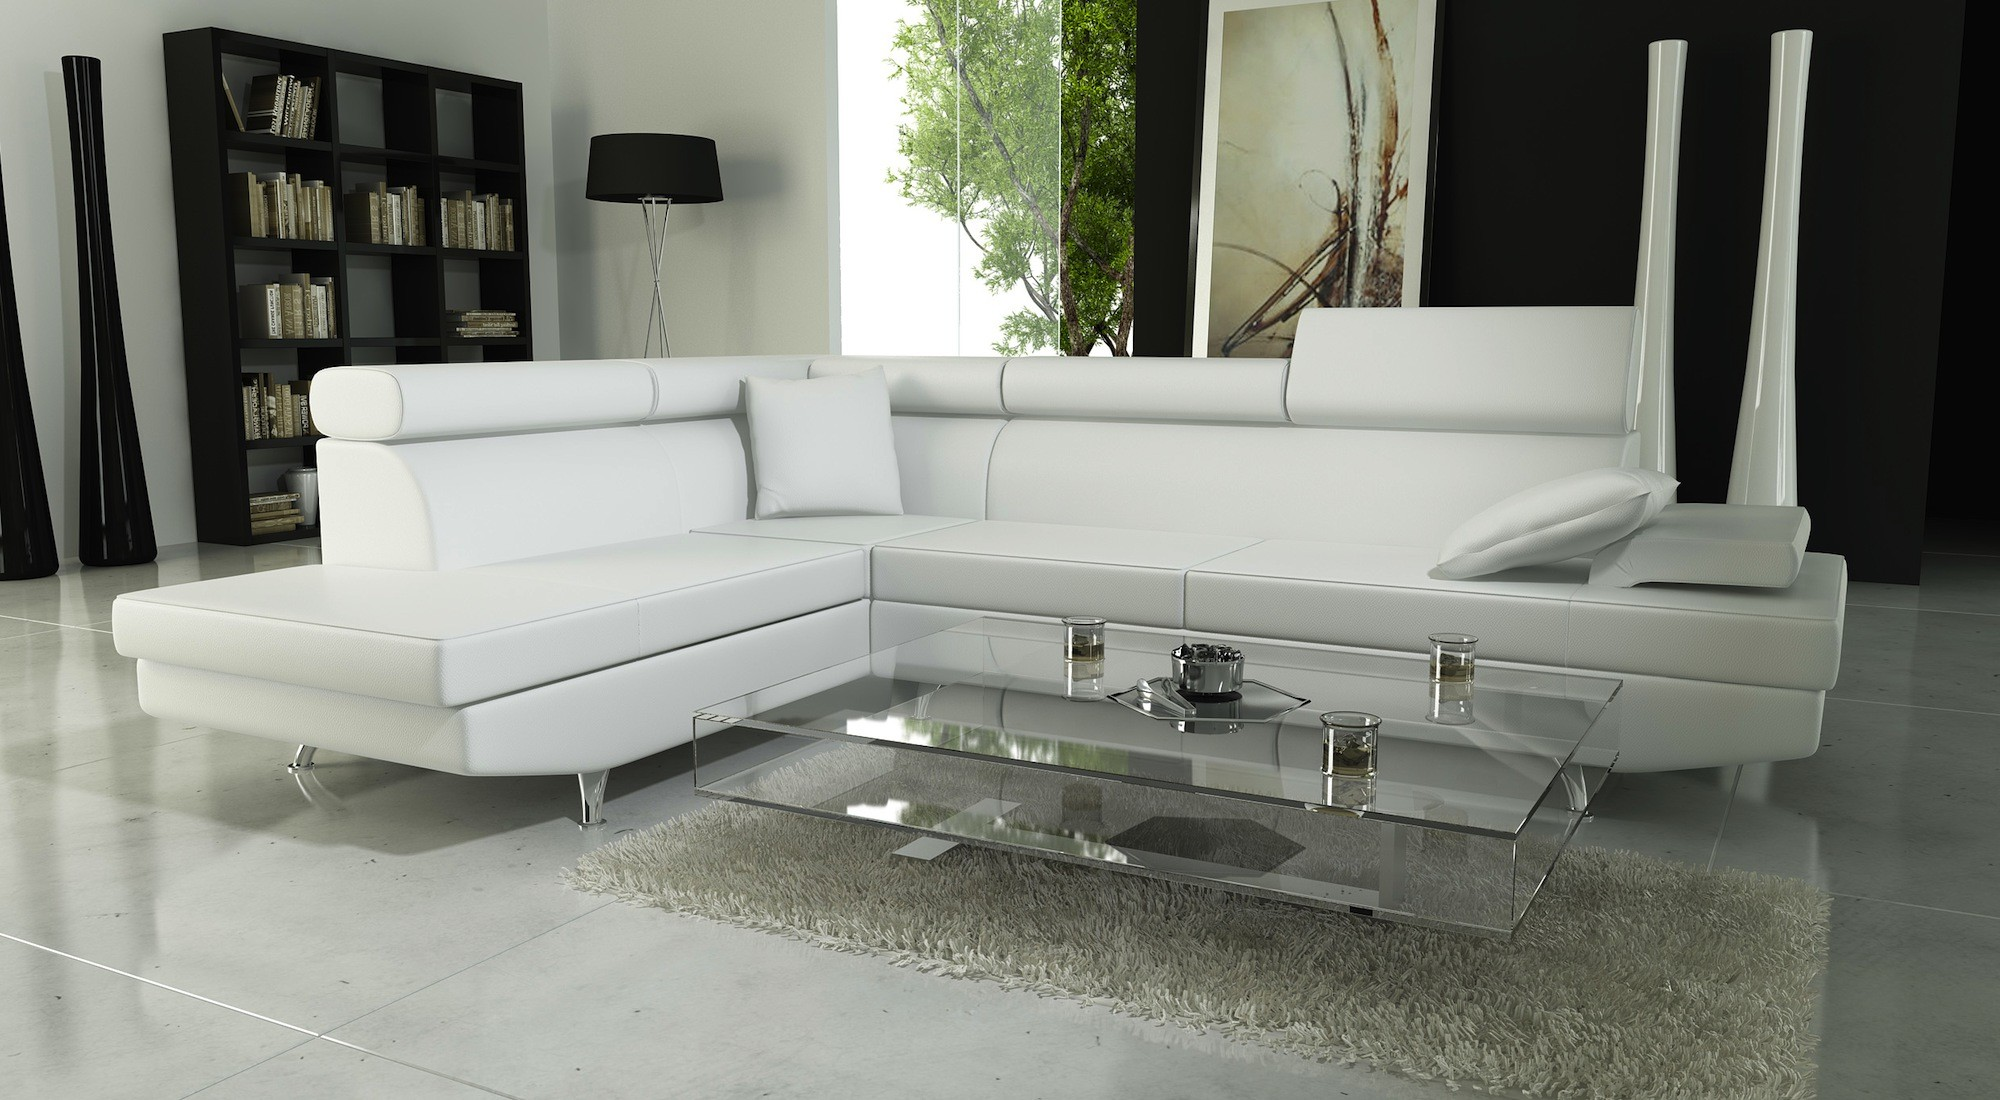 Canapé D'angle Cuir Blanc But